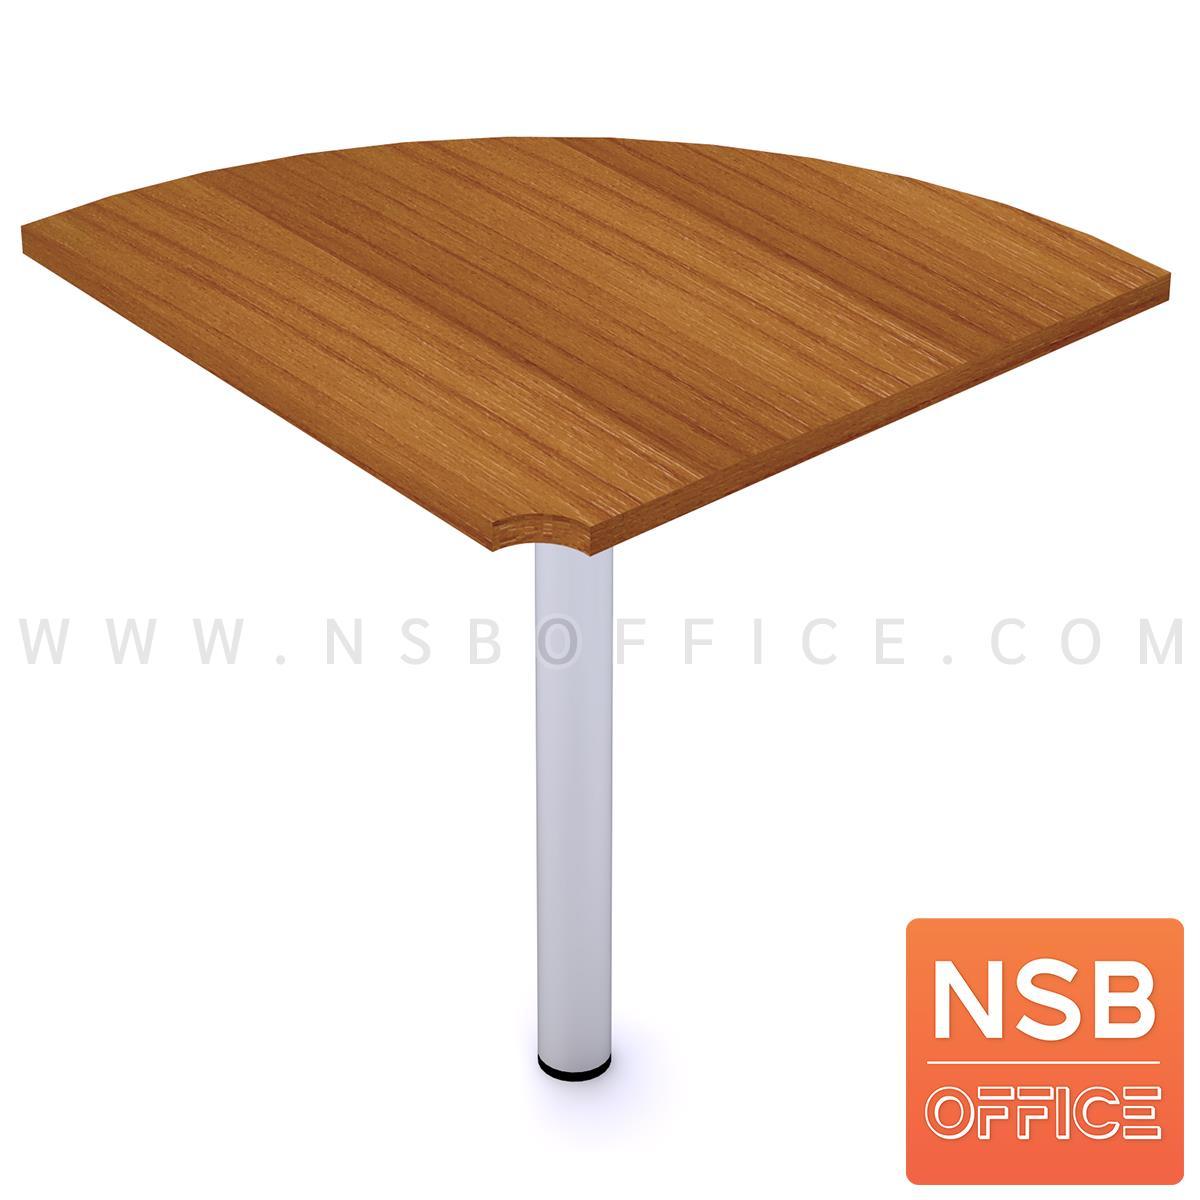 โต๊ะเข้ามุมทรงโค้ง  ขนาด R60 cm.   เมลามีน ขากลมโครเมี่ยม